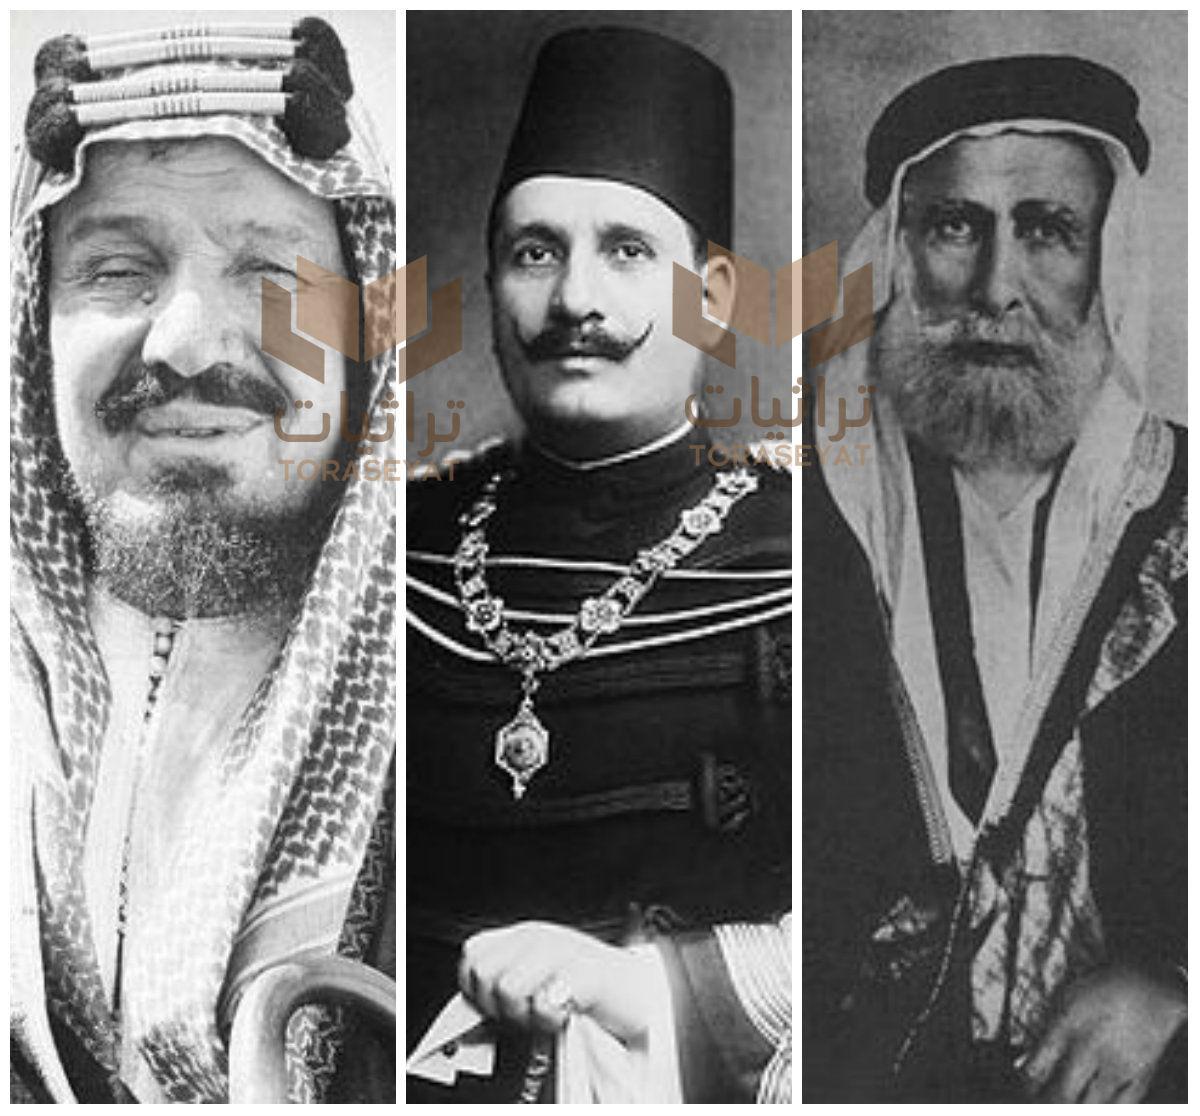 الشريف حسين - الملك فؤاد - الملك عبدالعزيز